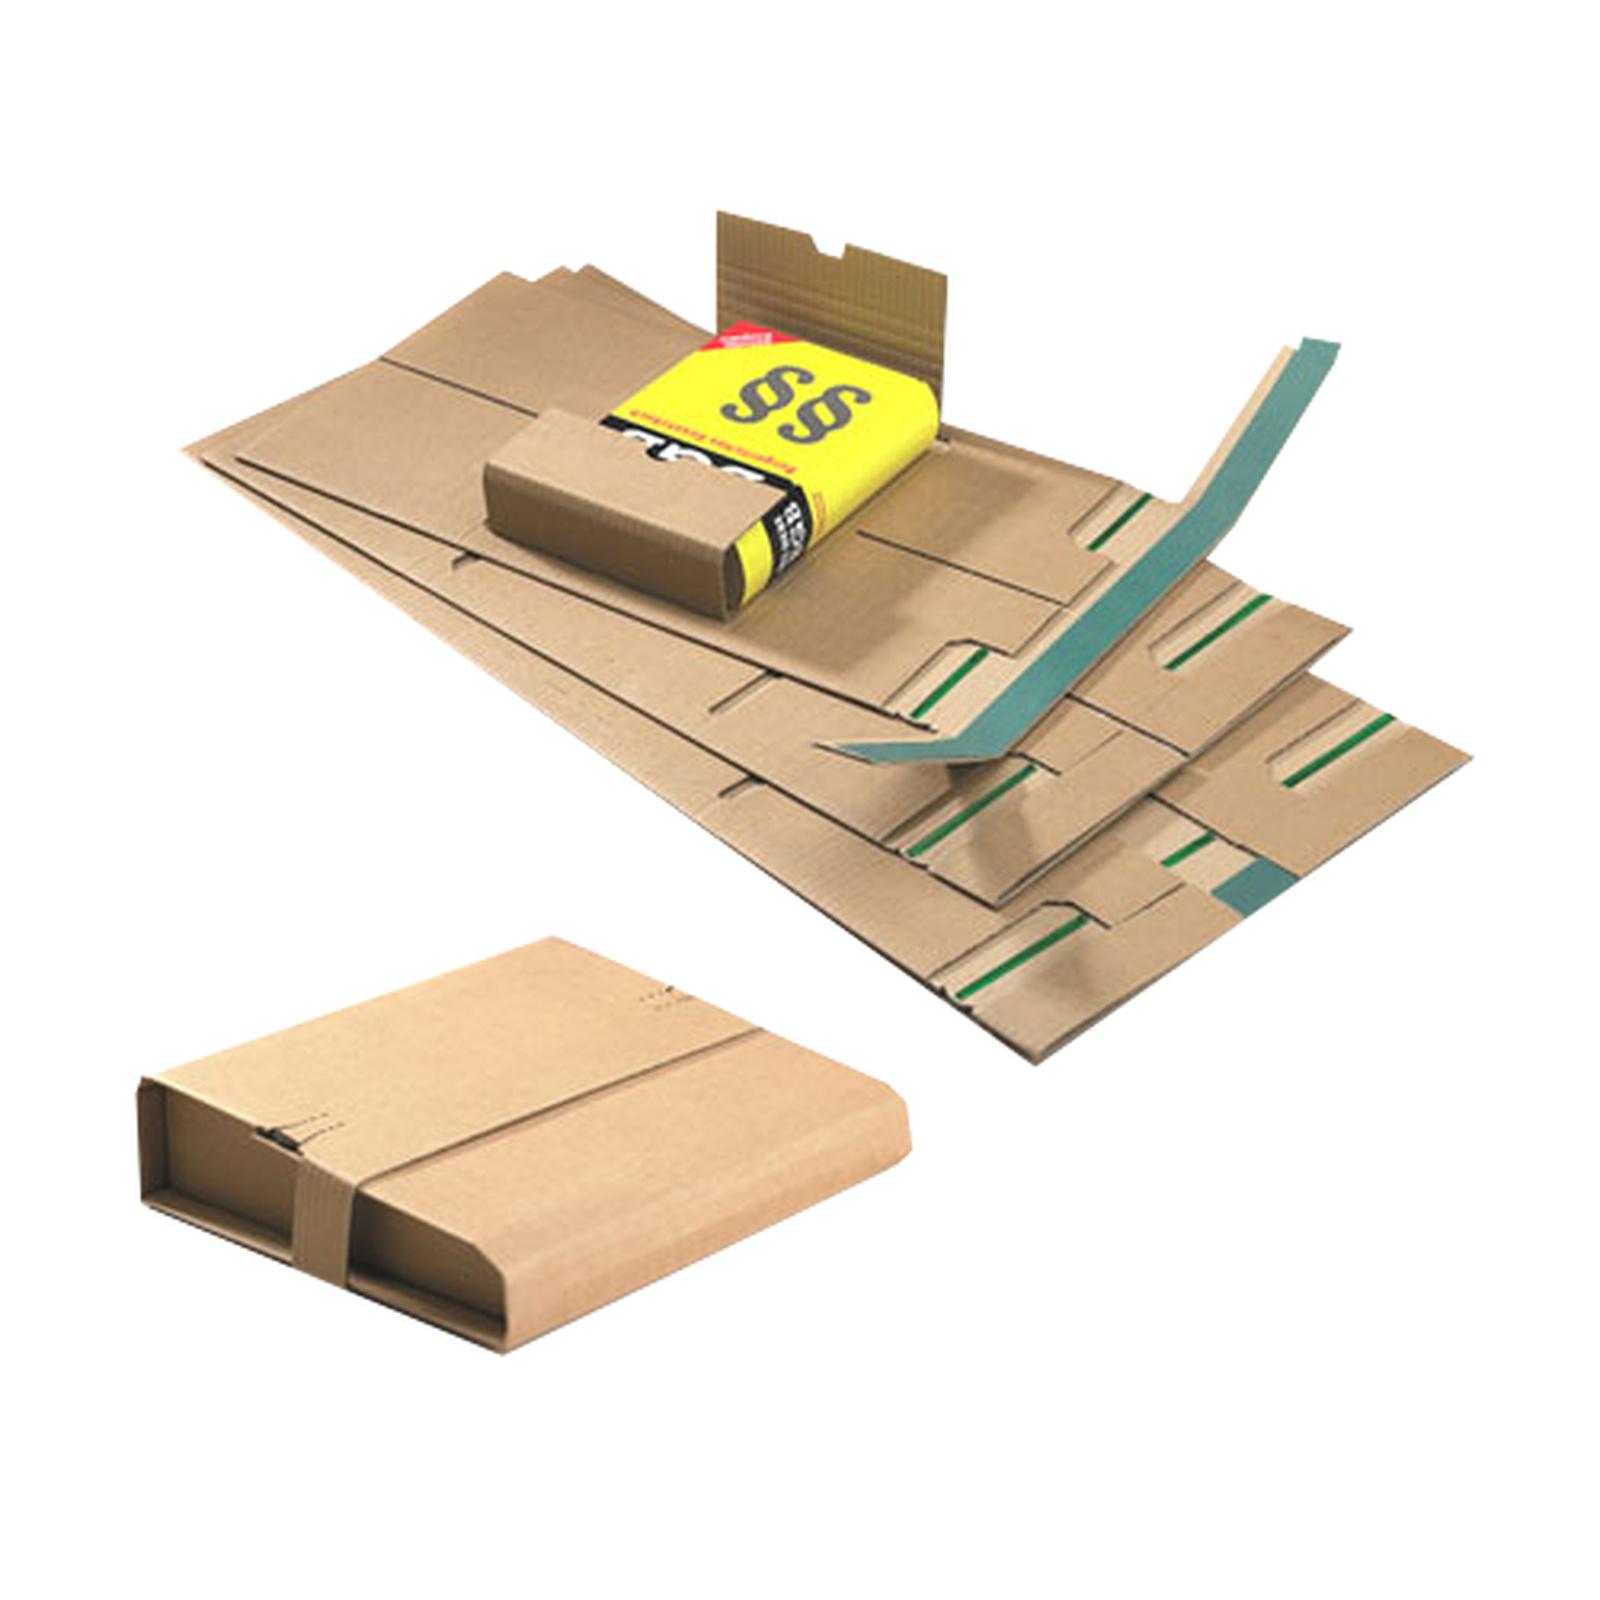 buchverpackung ordner 320x290x0 80 mm g nstig kaufen 0 82. Black Bedroom Furniture Sets. Home Design Ideas